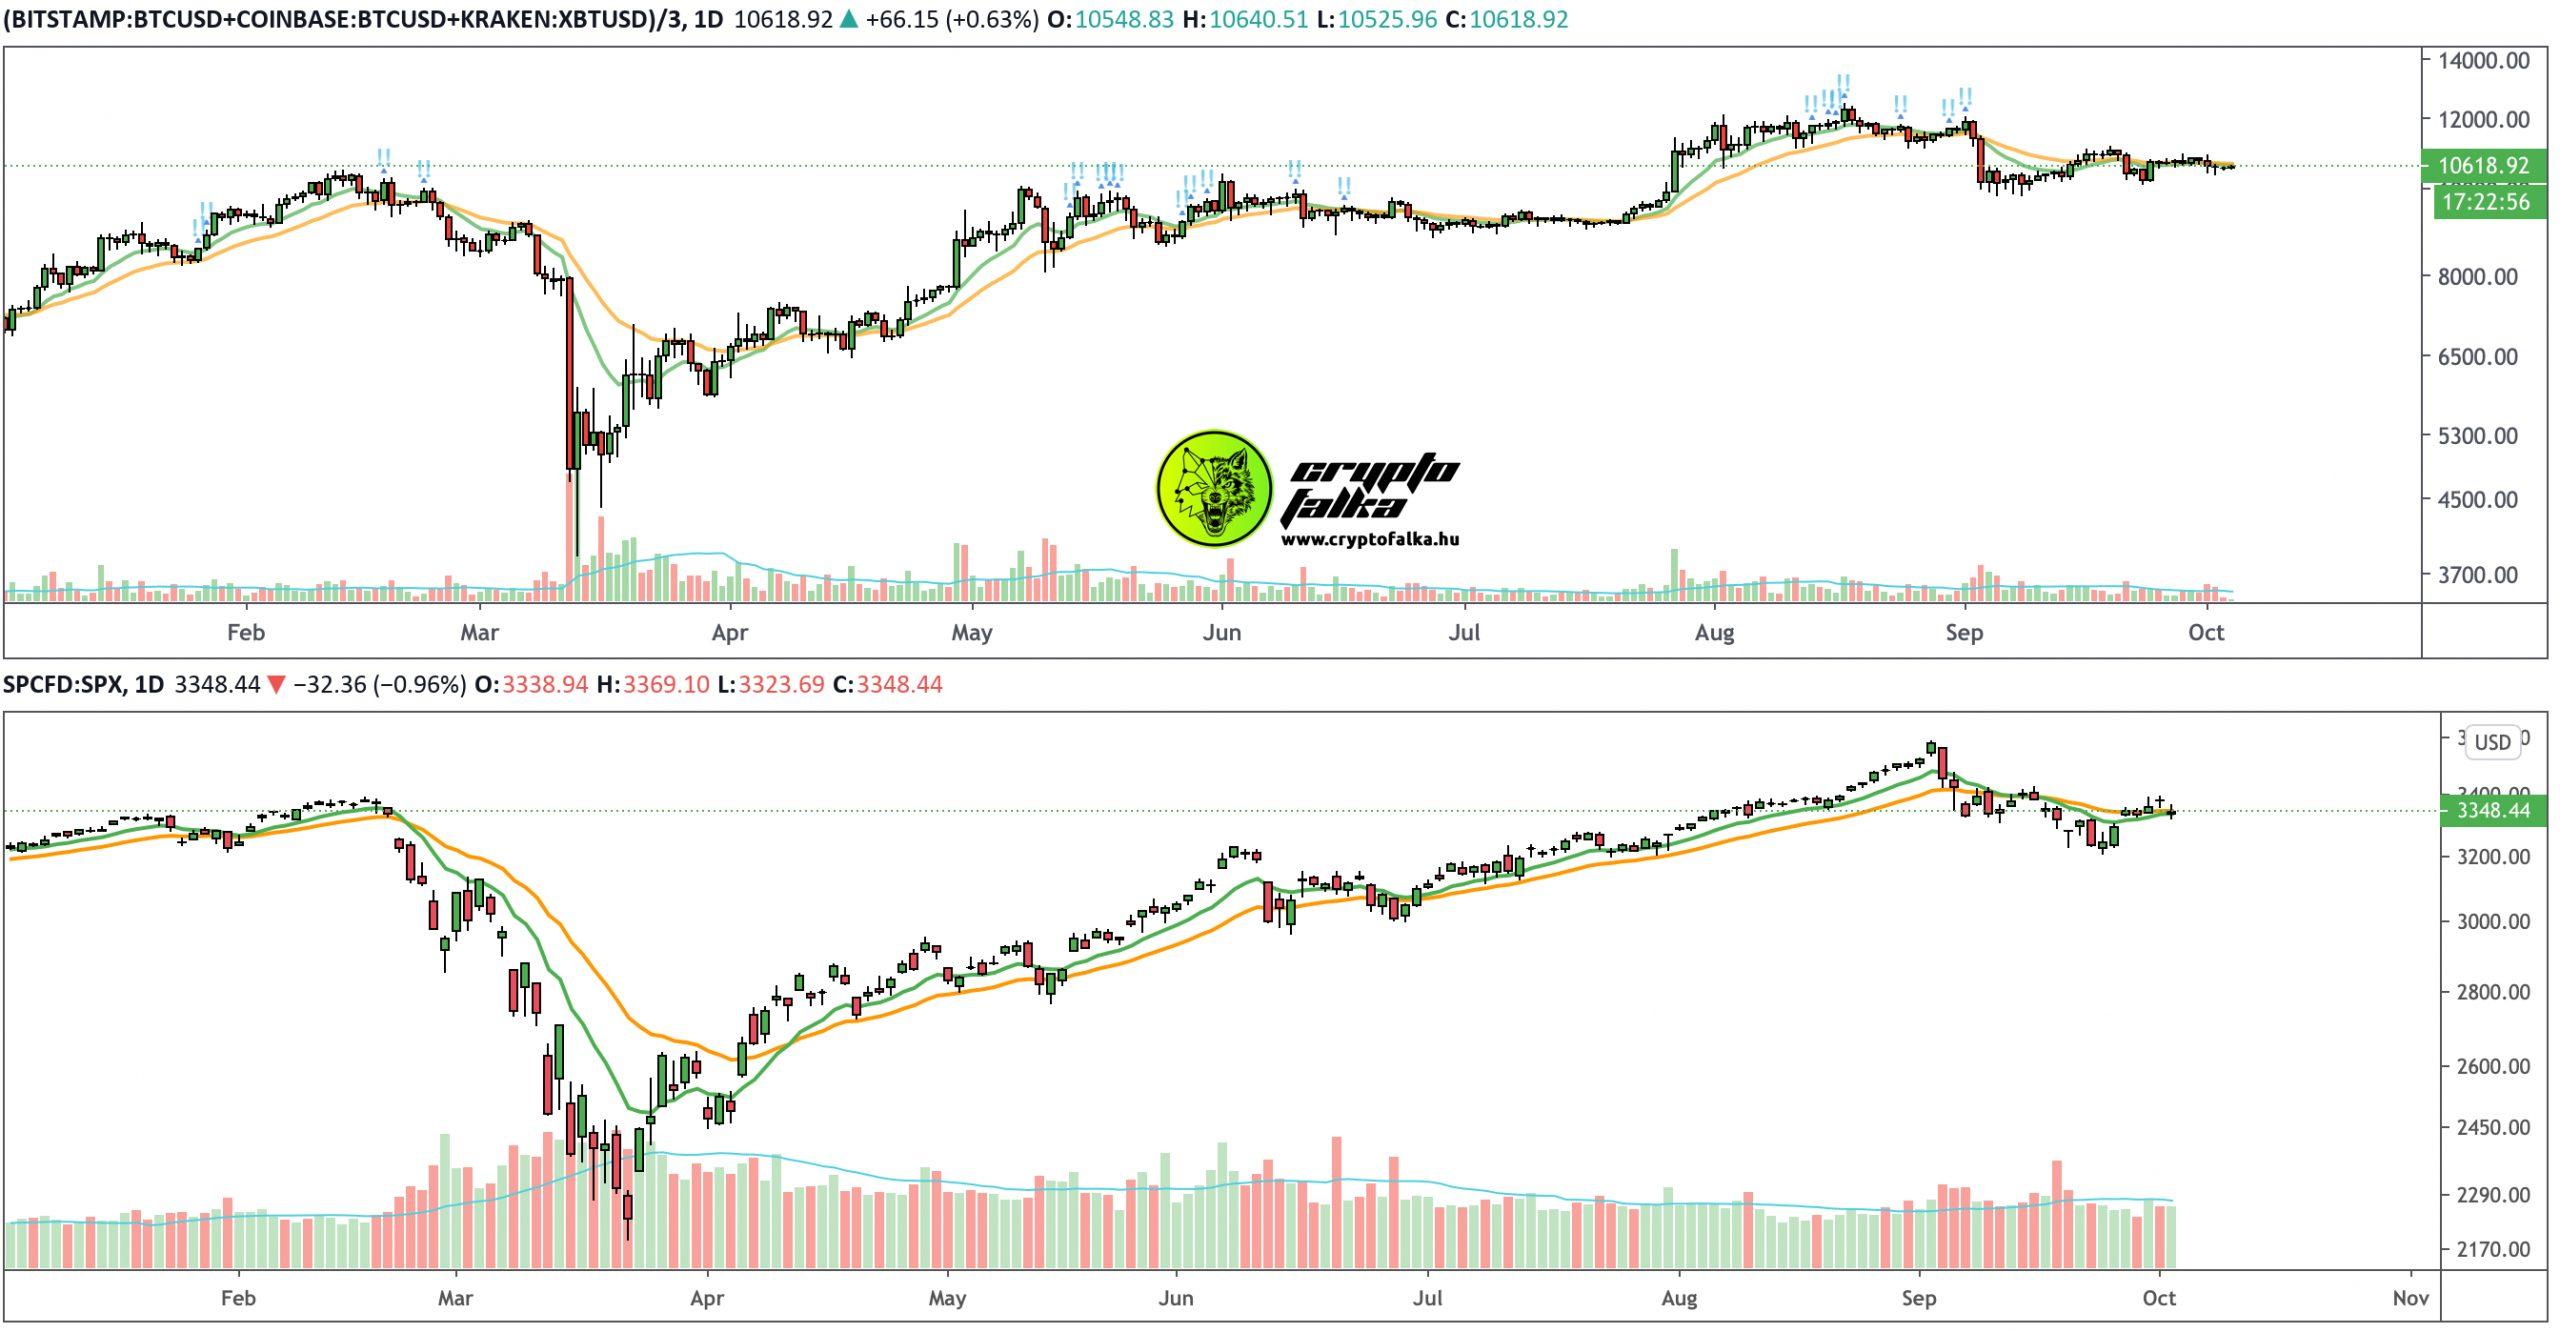 Bitcoin árfolyam vs. S&P500 I Cryptofalka